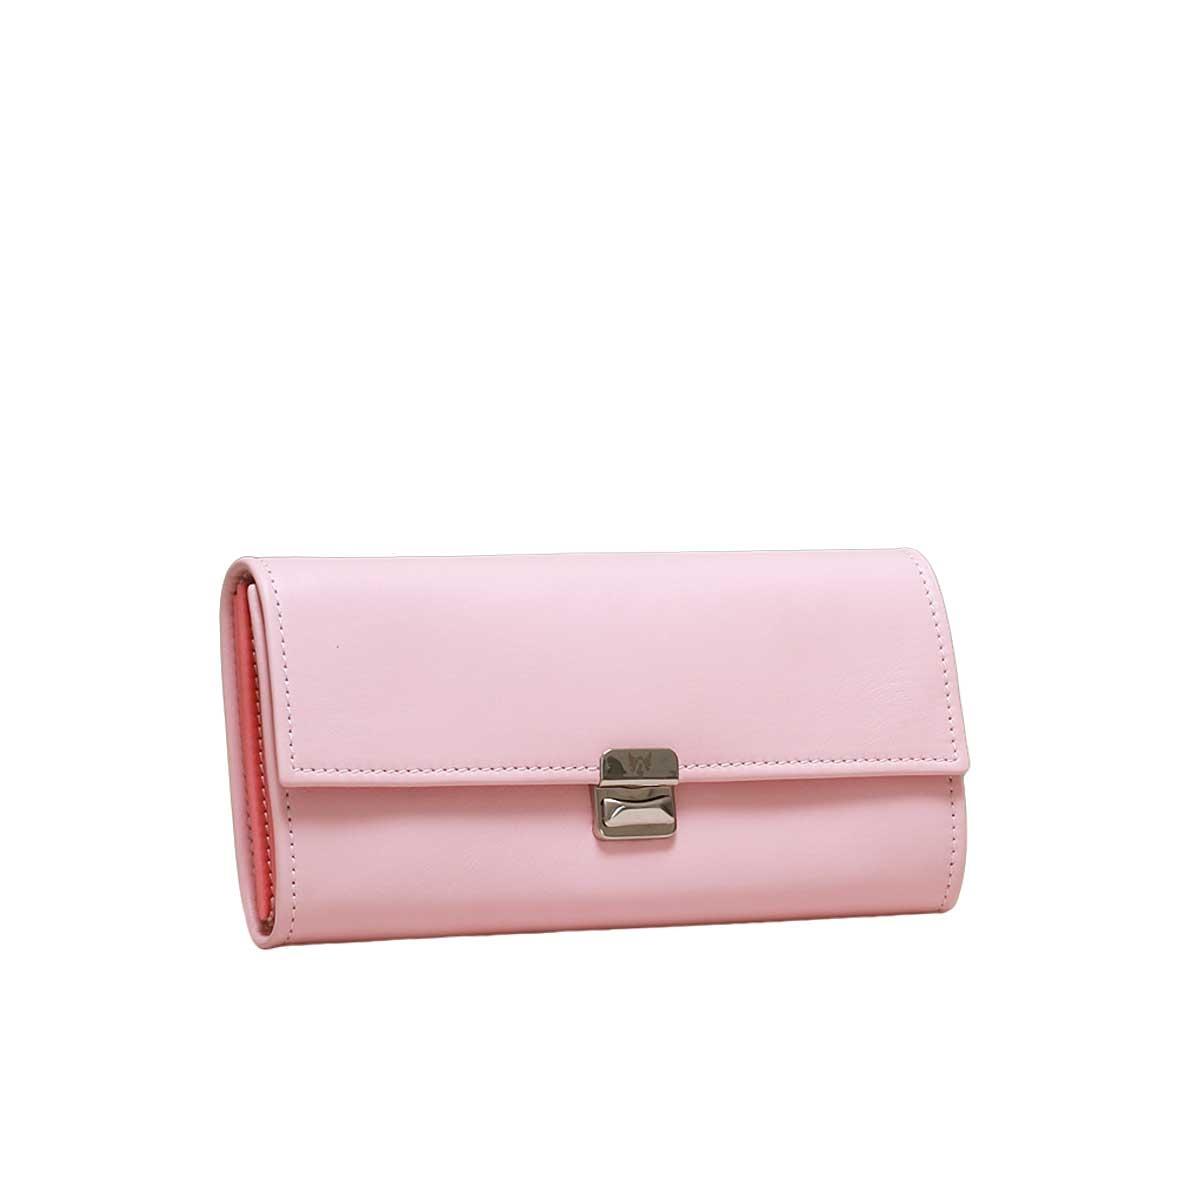 stylische damen geldbörsen aus echtem leder rosa